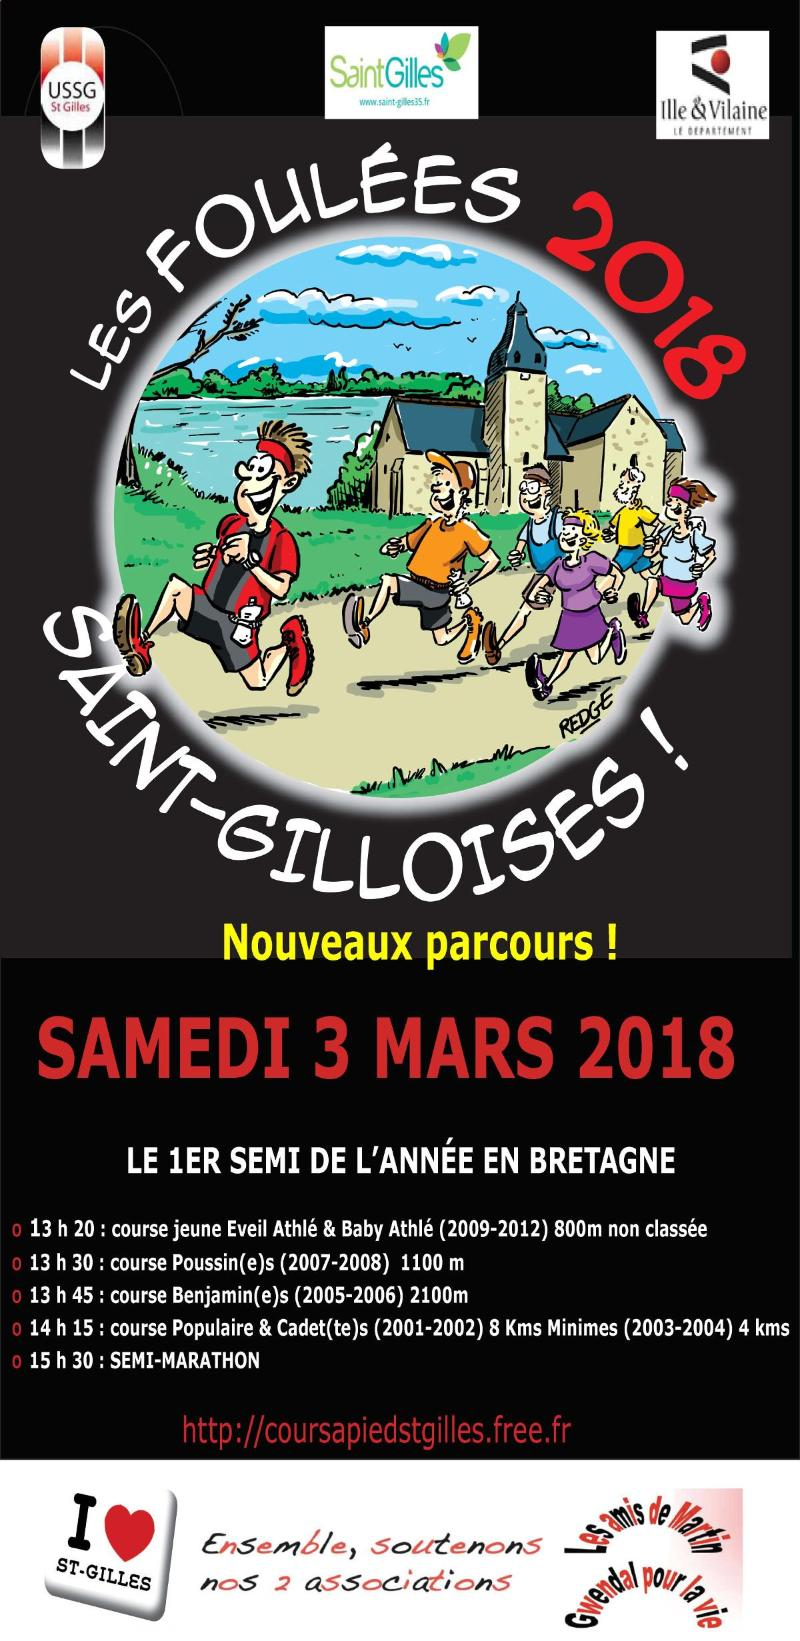 Affiche-des-foulees-St-Gilloises2018